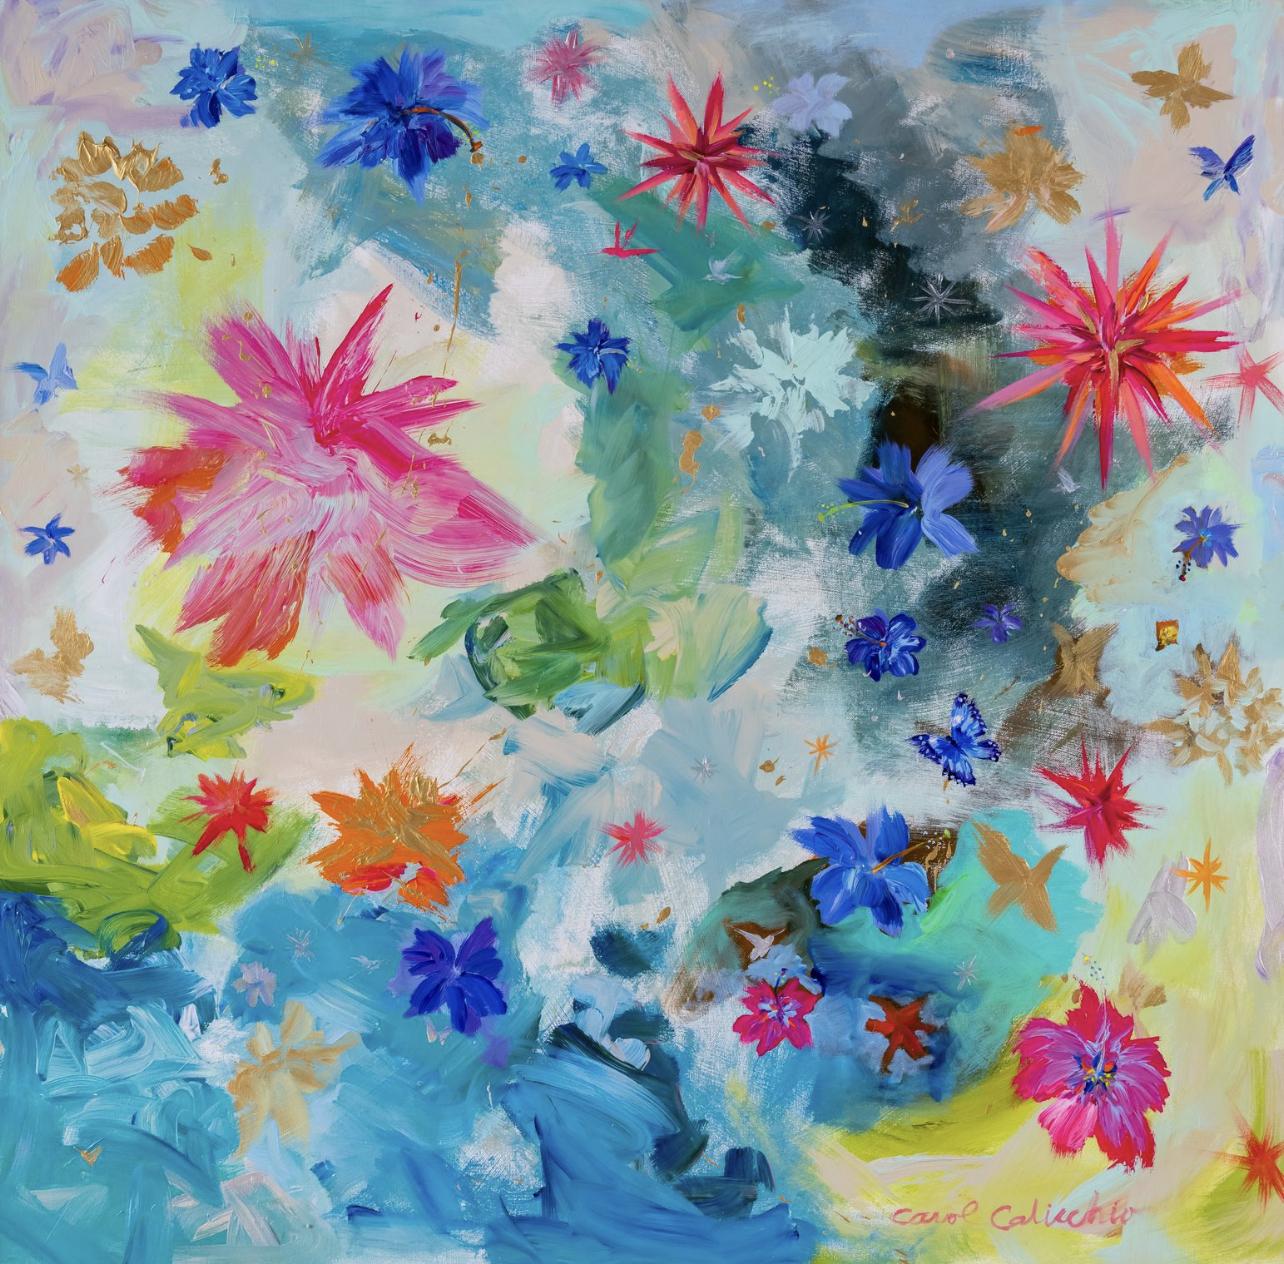 Carol Calicchio's magical flower garden at The Ben